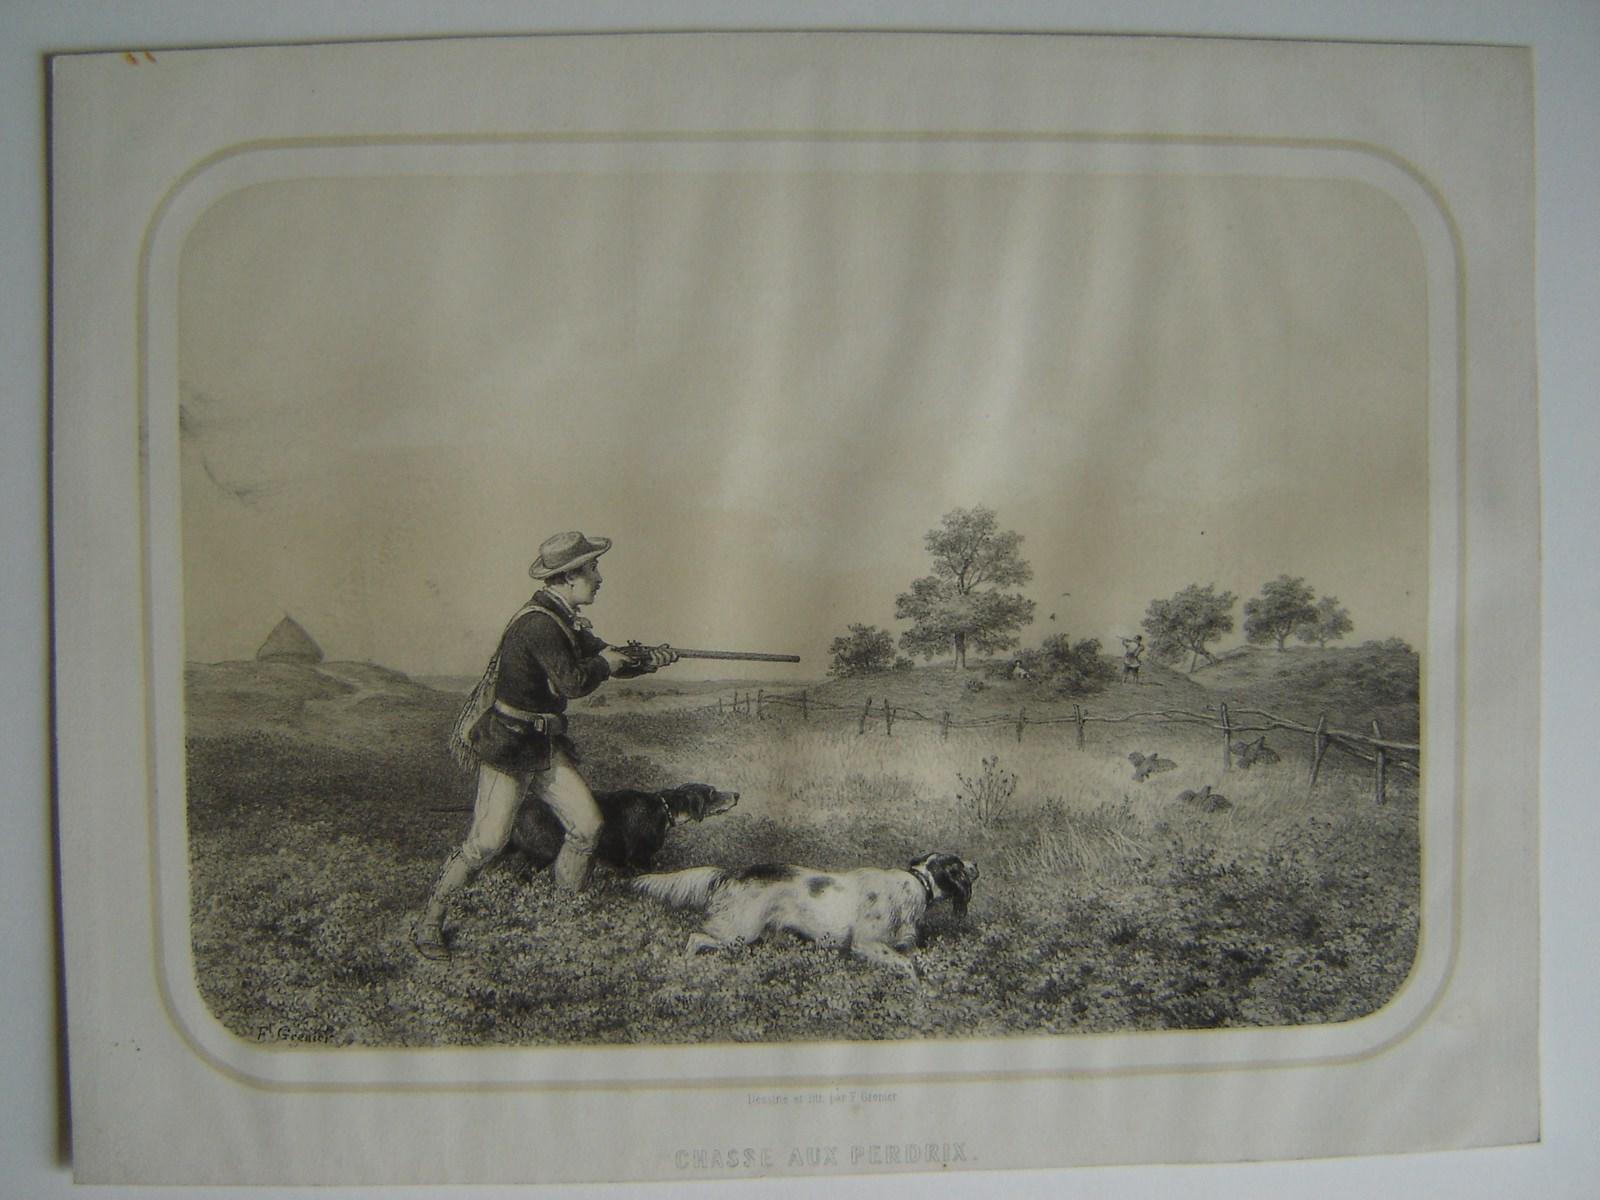 GRENIER DE SAINT-MARTIN François (lithographe) : Chasse aux perdrix